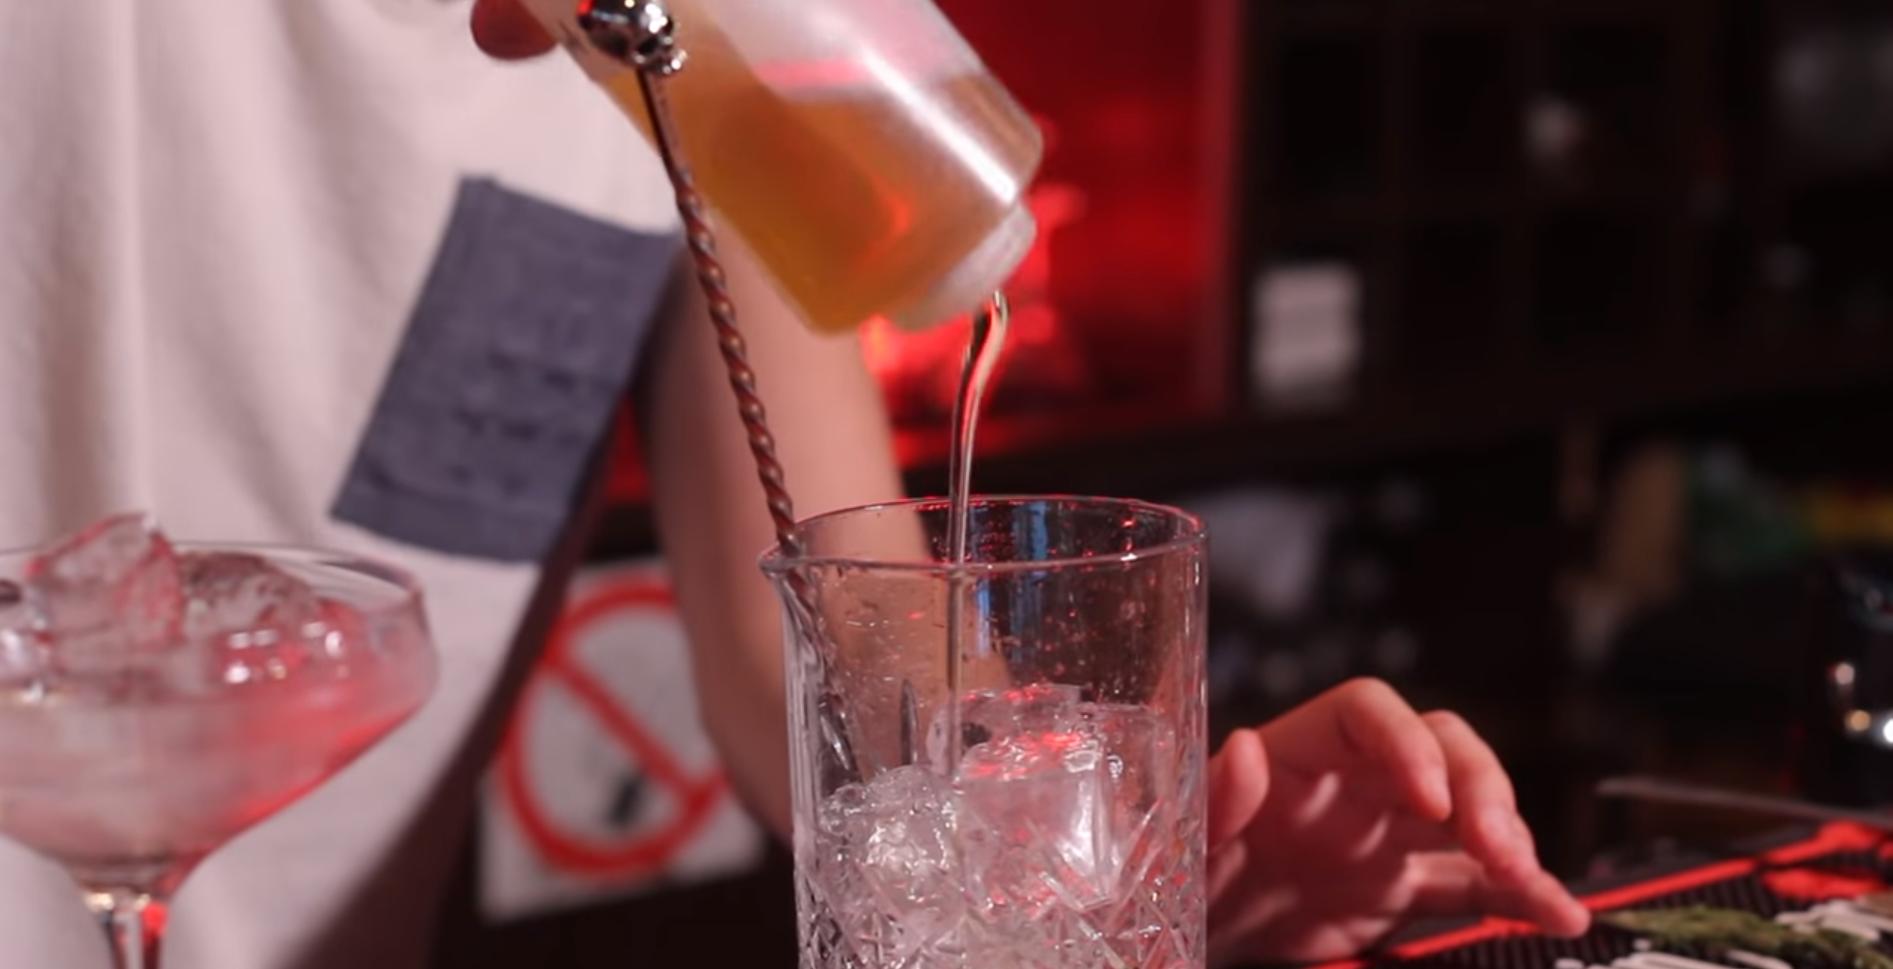 Коктейль «северное сияние»: от простого к сложному. коктейль «северное сияние» — красивое название водки с шампанским